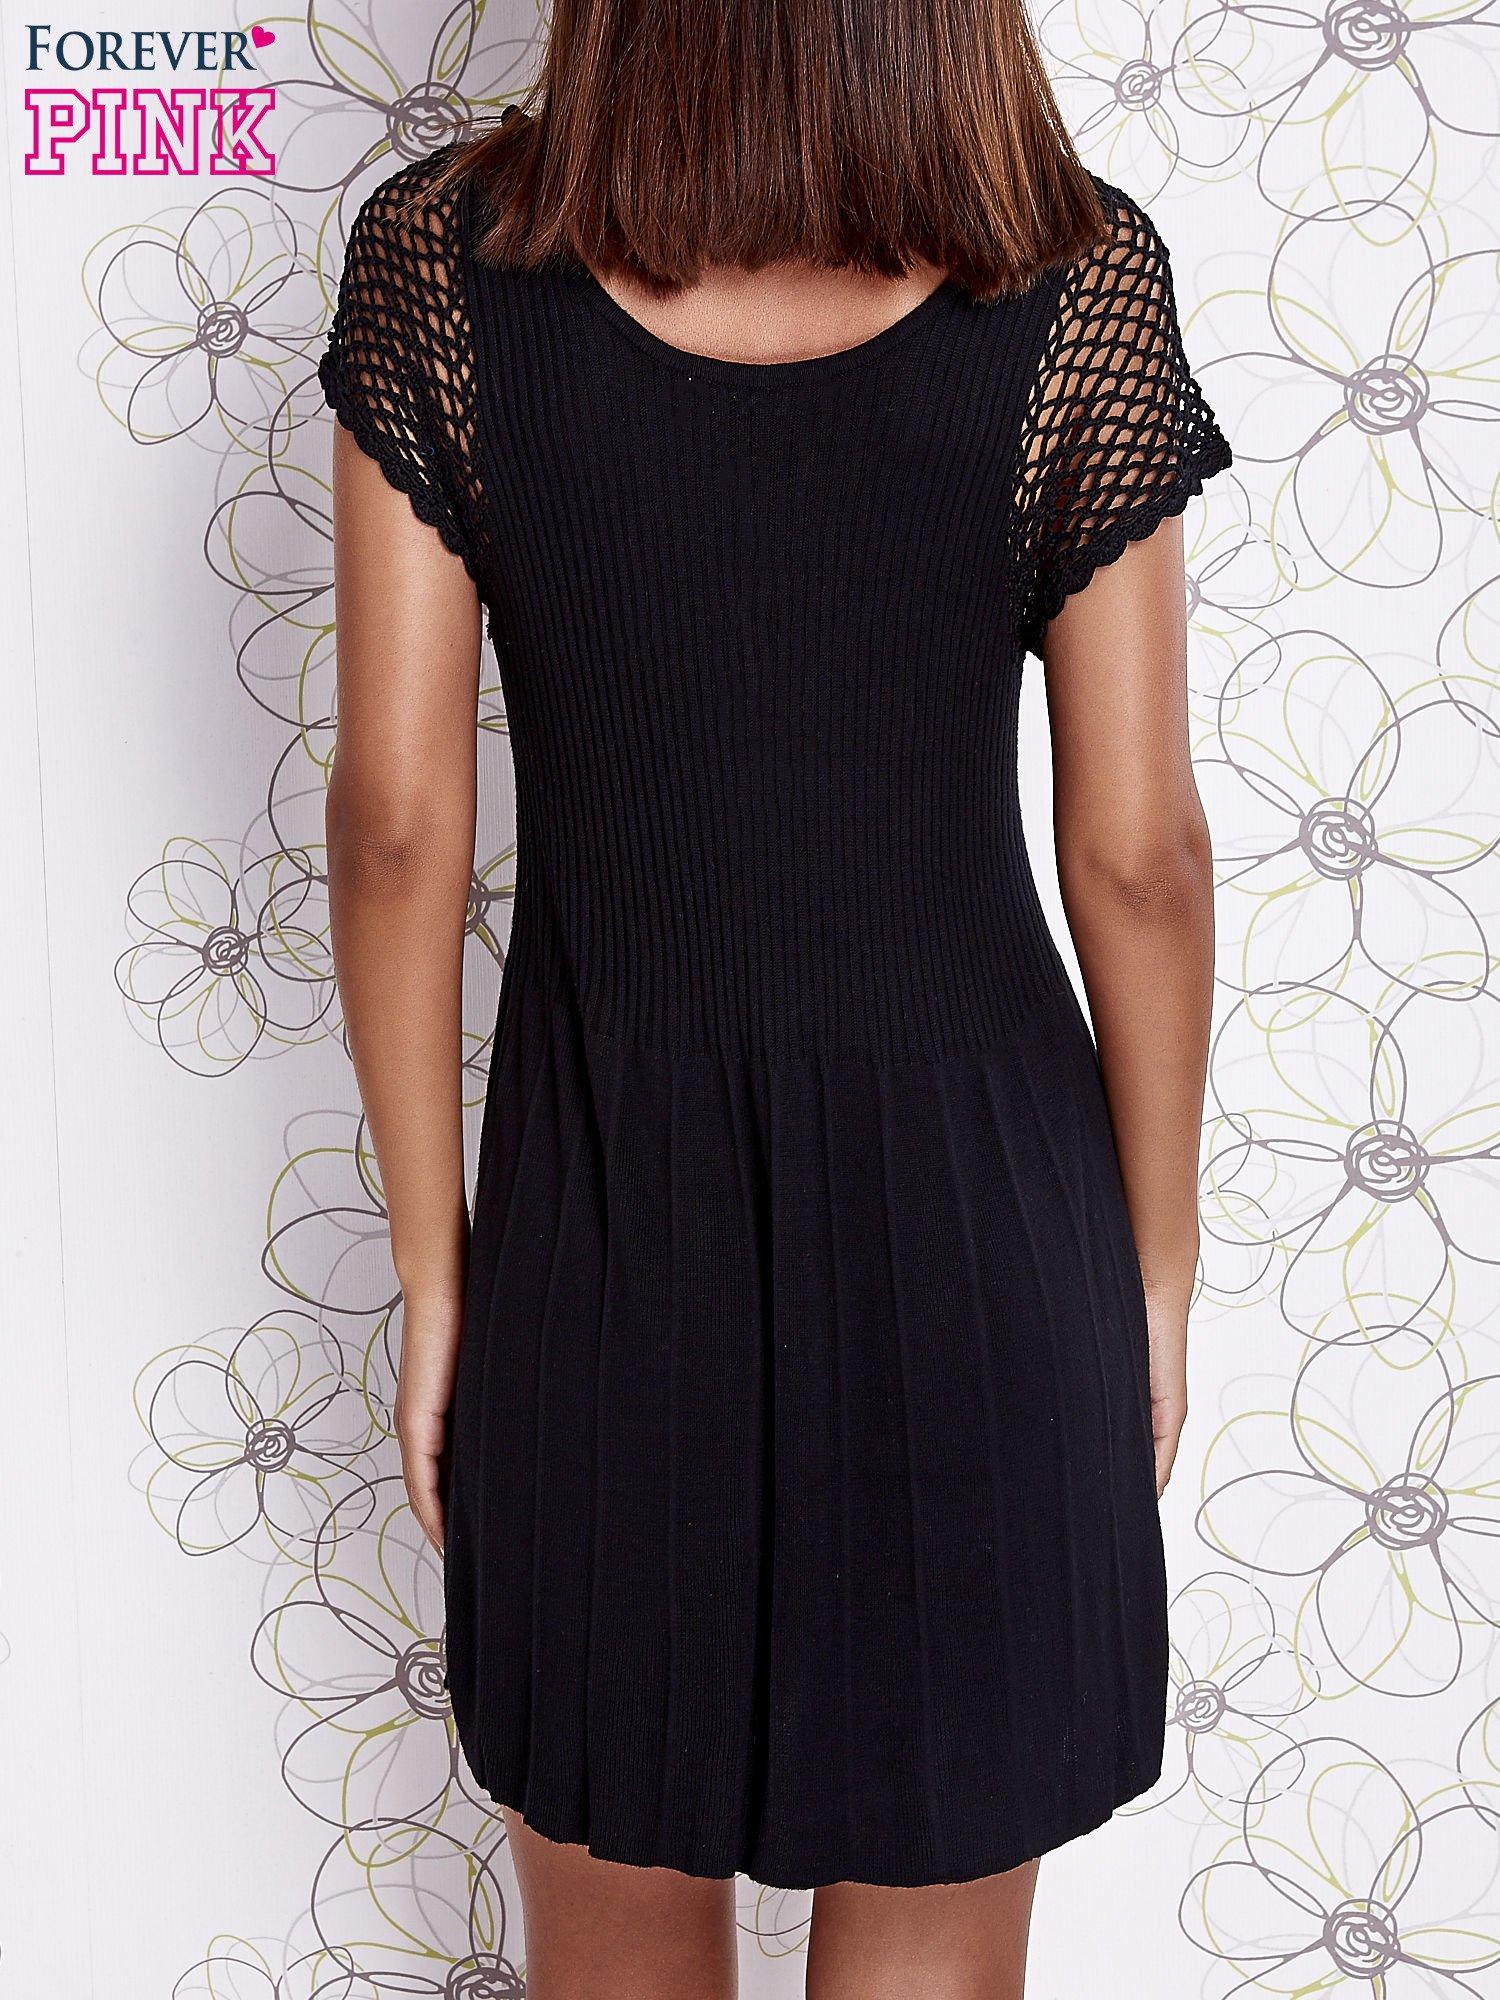 Czarna dzianinowa sukienka z żabotem i ażurowymi rękawami                                  zdj.                                  4